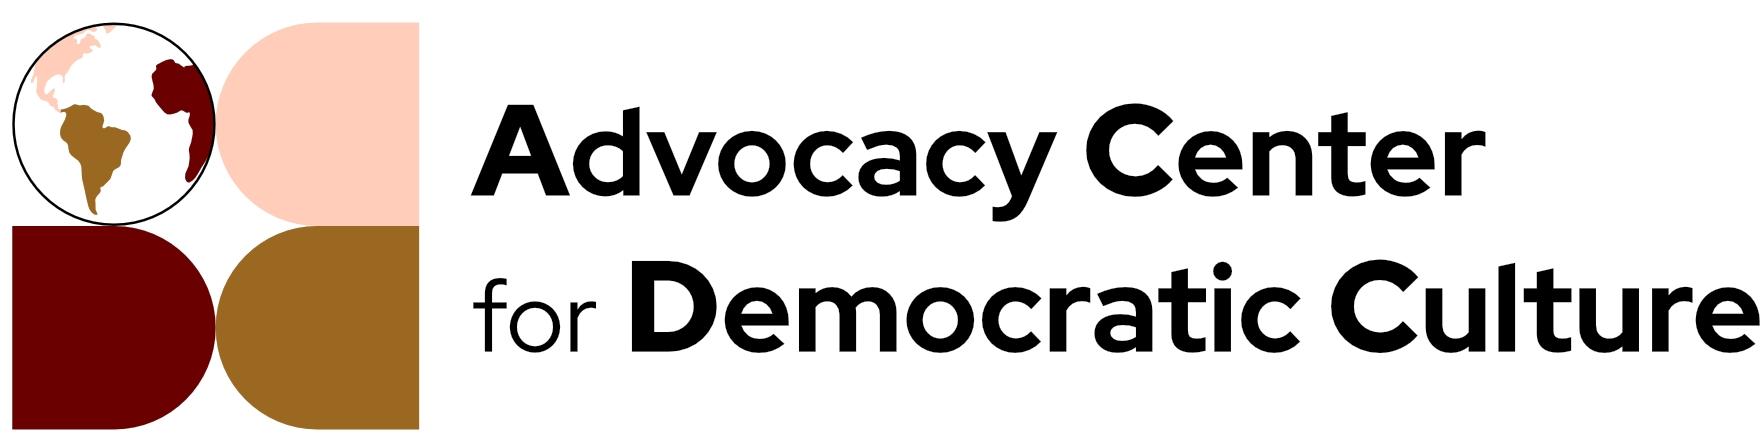 sazetak-projekta-poboljsanje-transparentnosti-i-vladavine-zakona-u-opstinama-sa-vecinski-srpskim-stanovnistvom